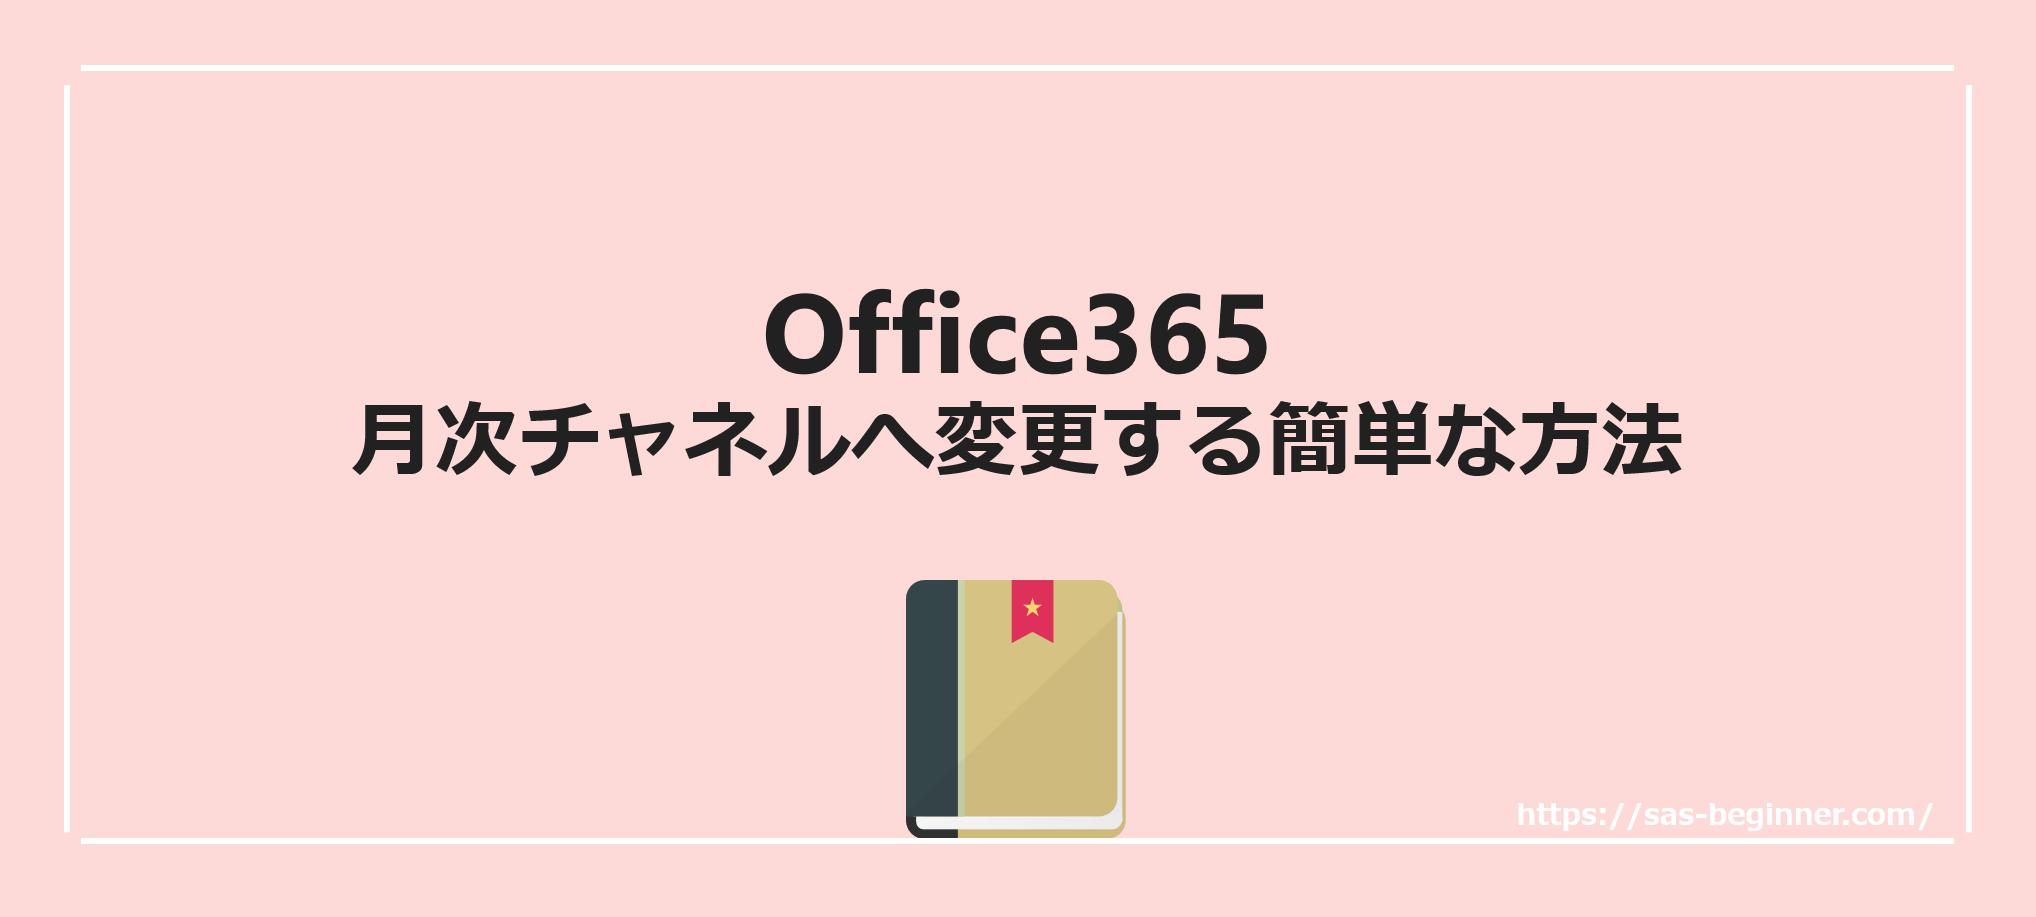 Office365のチャネル変更ではまったよって話